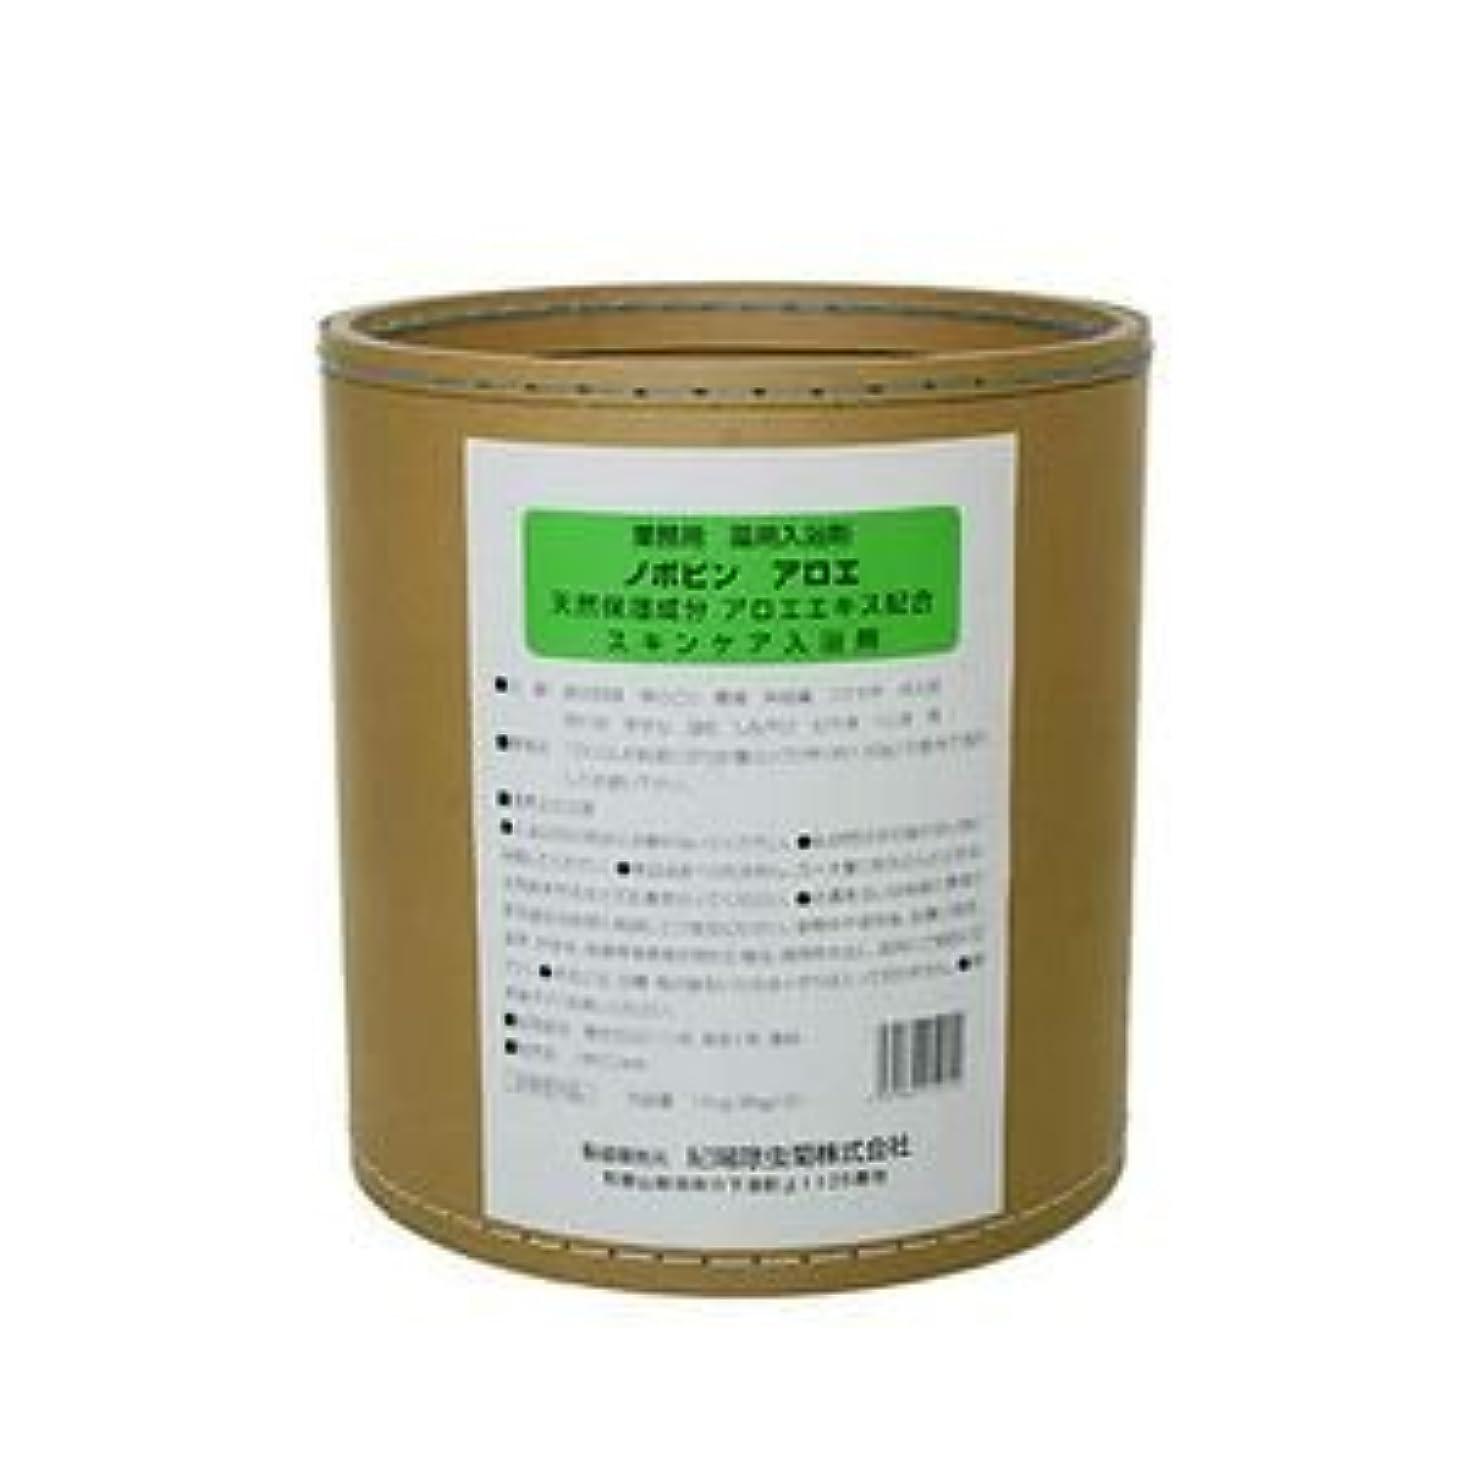 パリティパンツ呼吸業務用 バス 入浴剤 ノボピン アロエ 16kg(8kg+2)